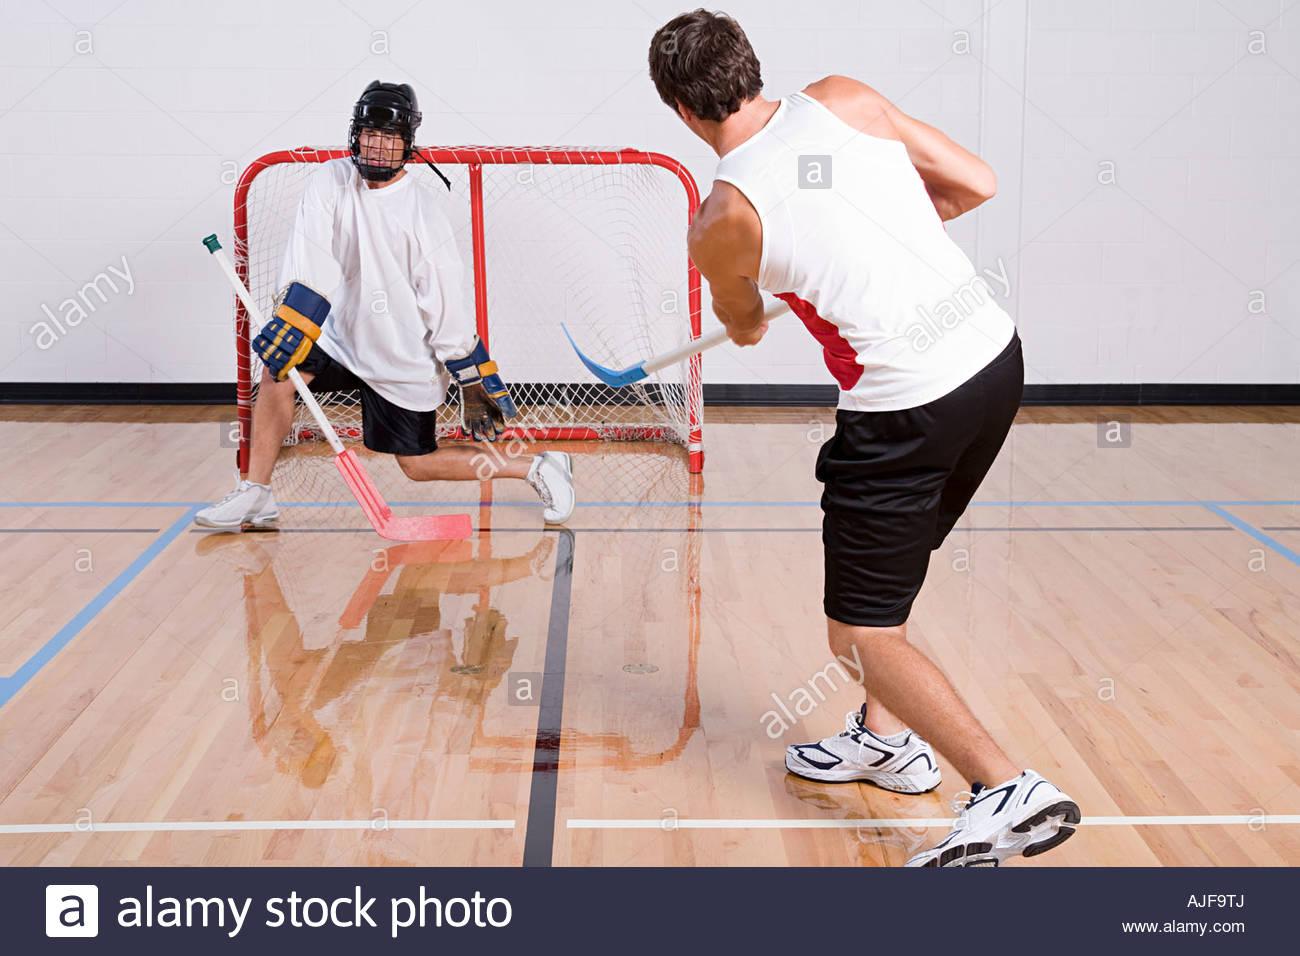 Eishockey-Torwart macht eine sichere Stockfoto